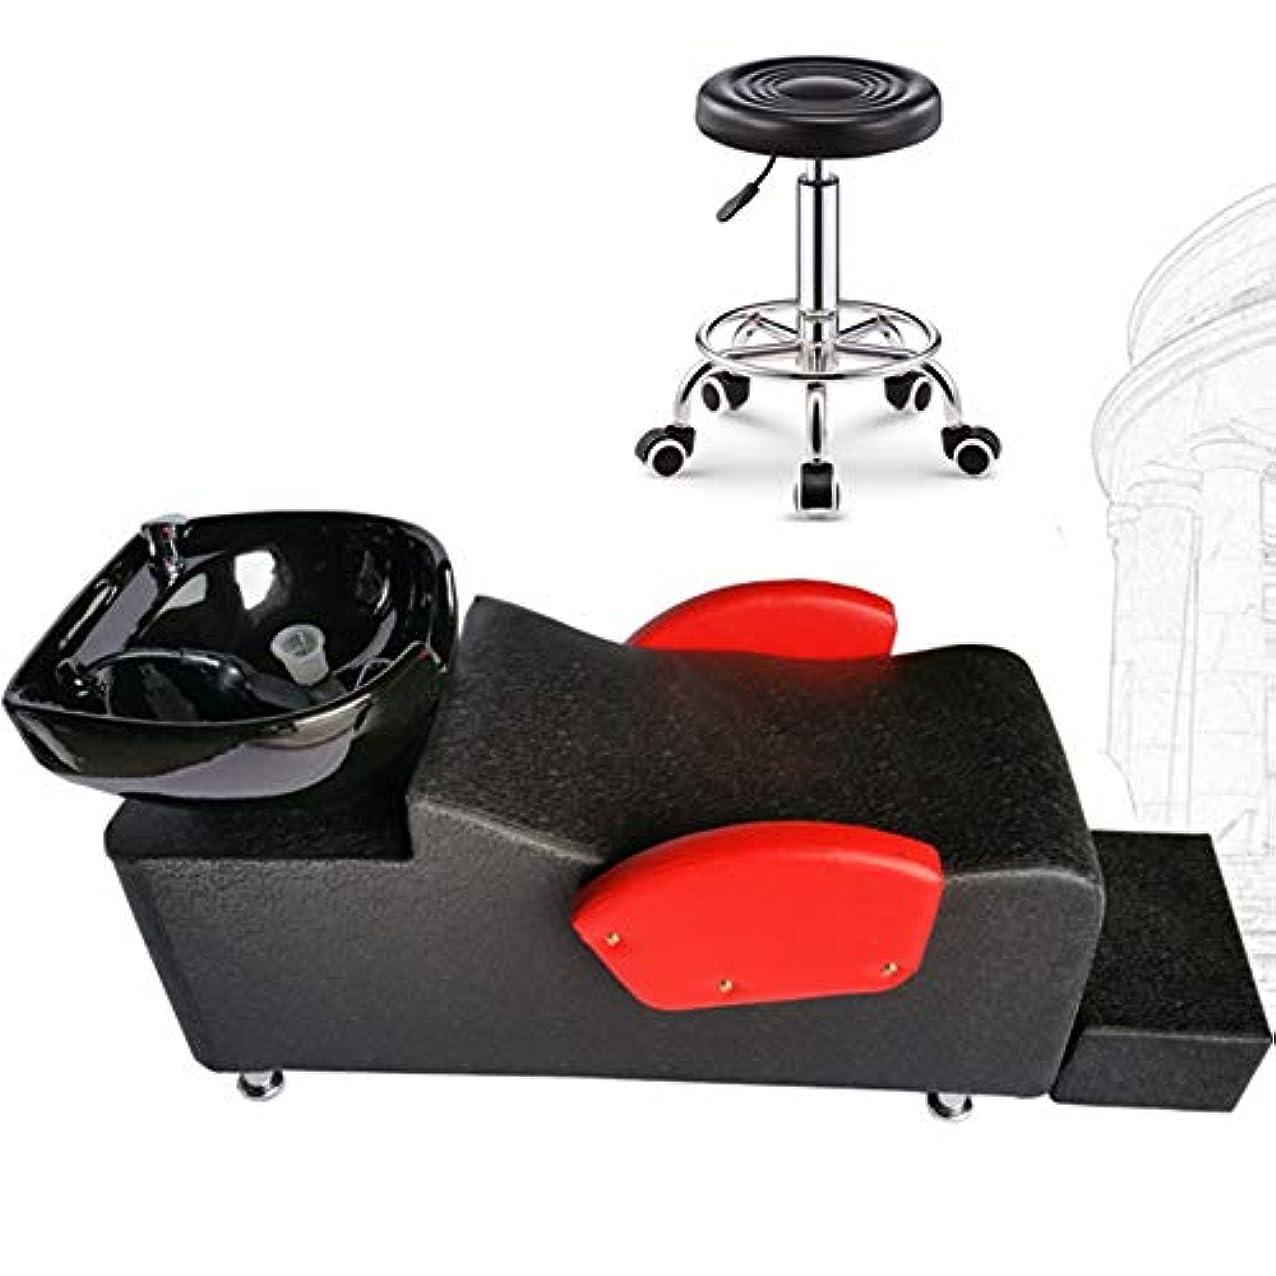 若さオセアニア受粉者サロン用シャンプー椅子とボウル、スパ美容室機器パンチングウォーターベッドチェア用の逆洗ユニット理髪シンクチェア